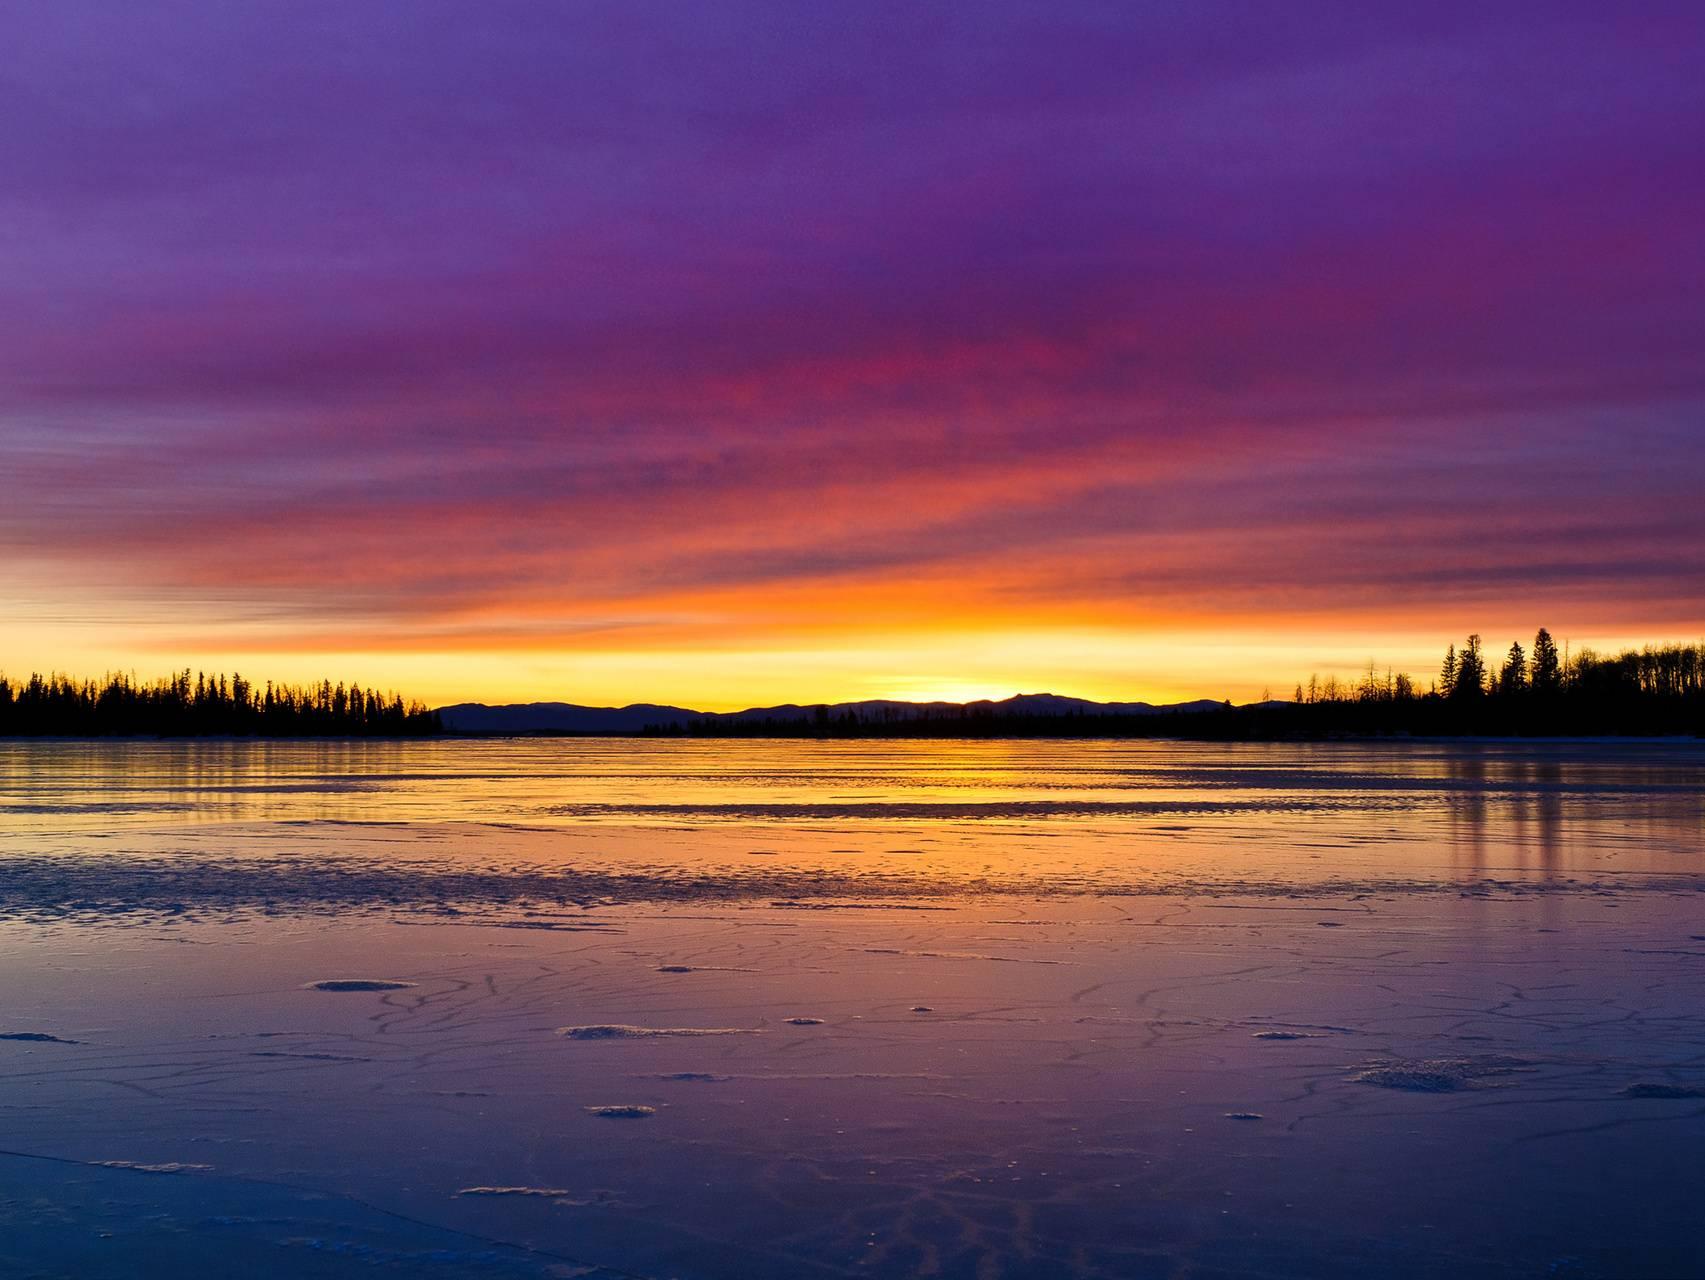 Lake -sunset